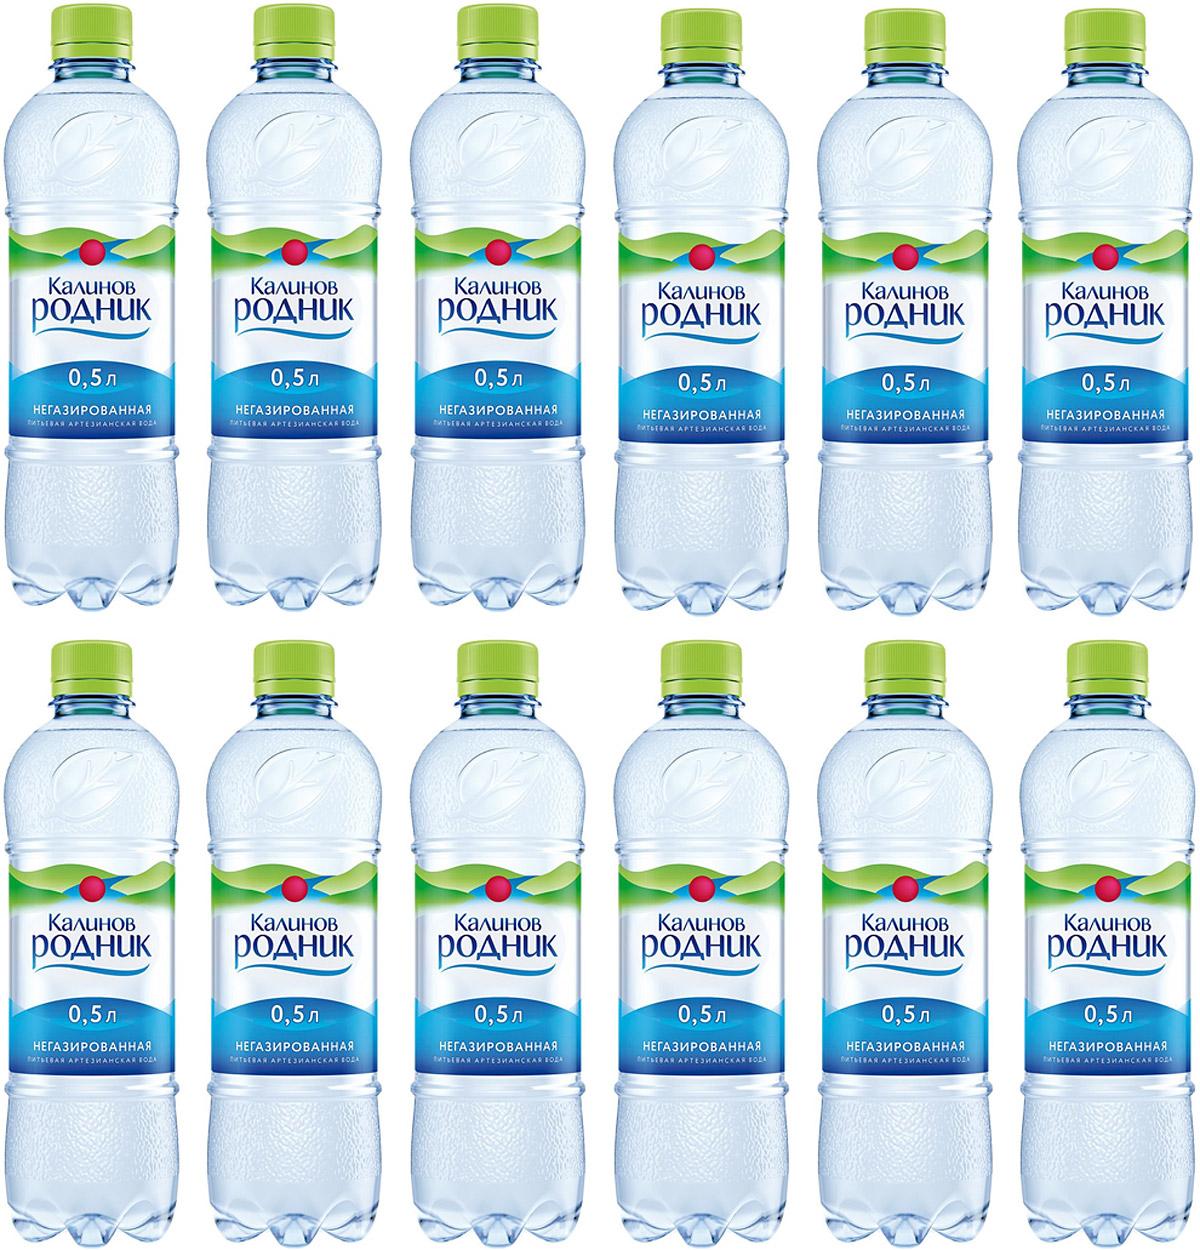 Калинов Родник вода питьевая артезианская негазированная, 12 шт по 0,5 л 4607050693334